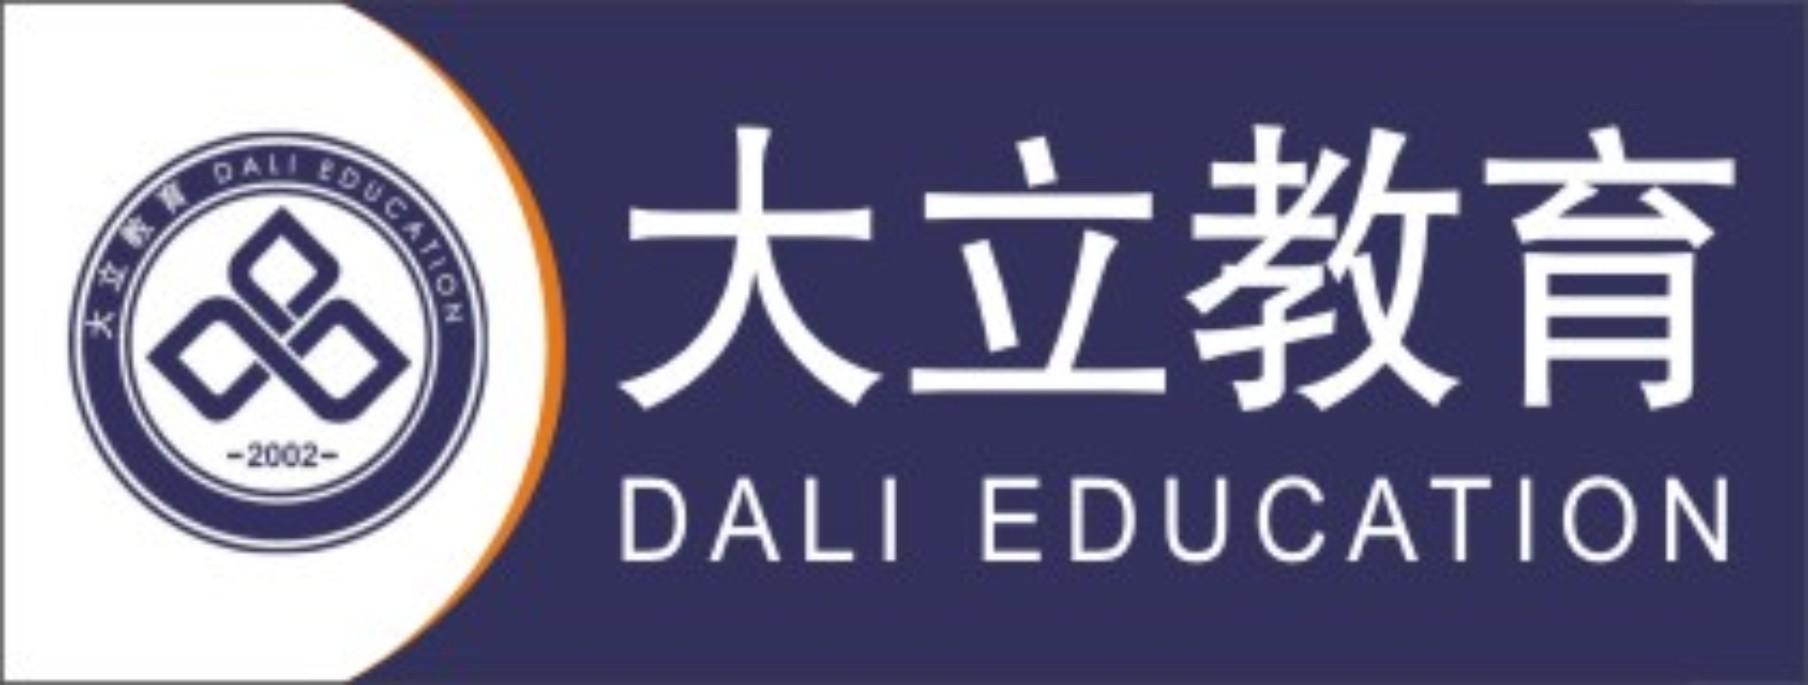 大立教育培训学校-长株潭人才网